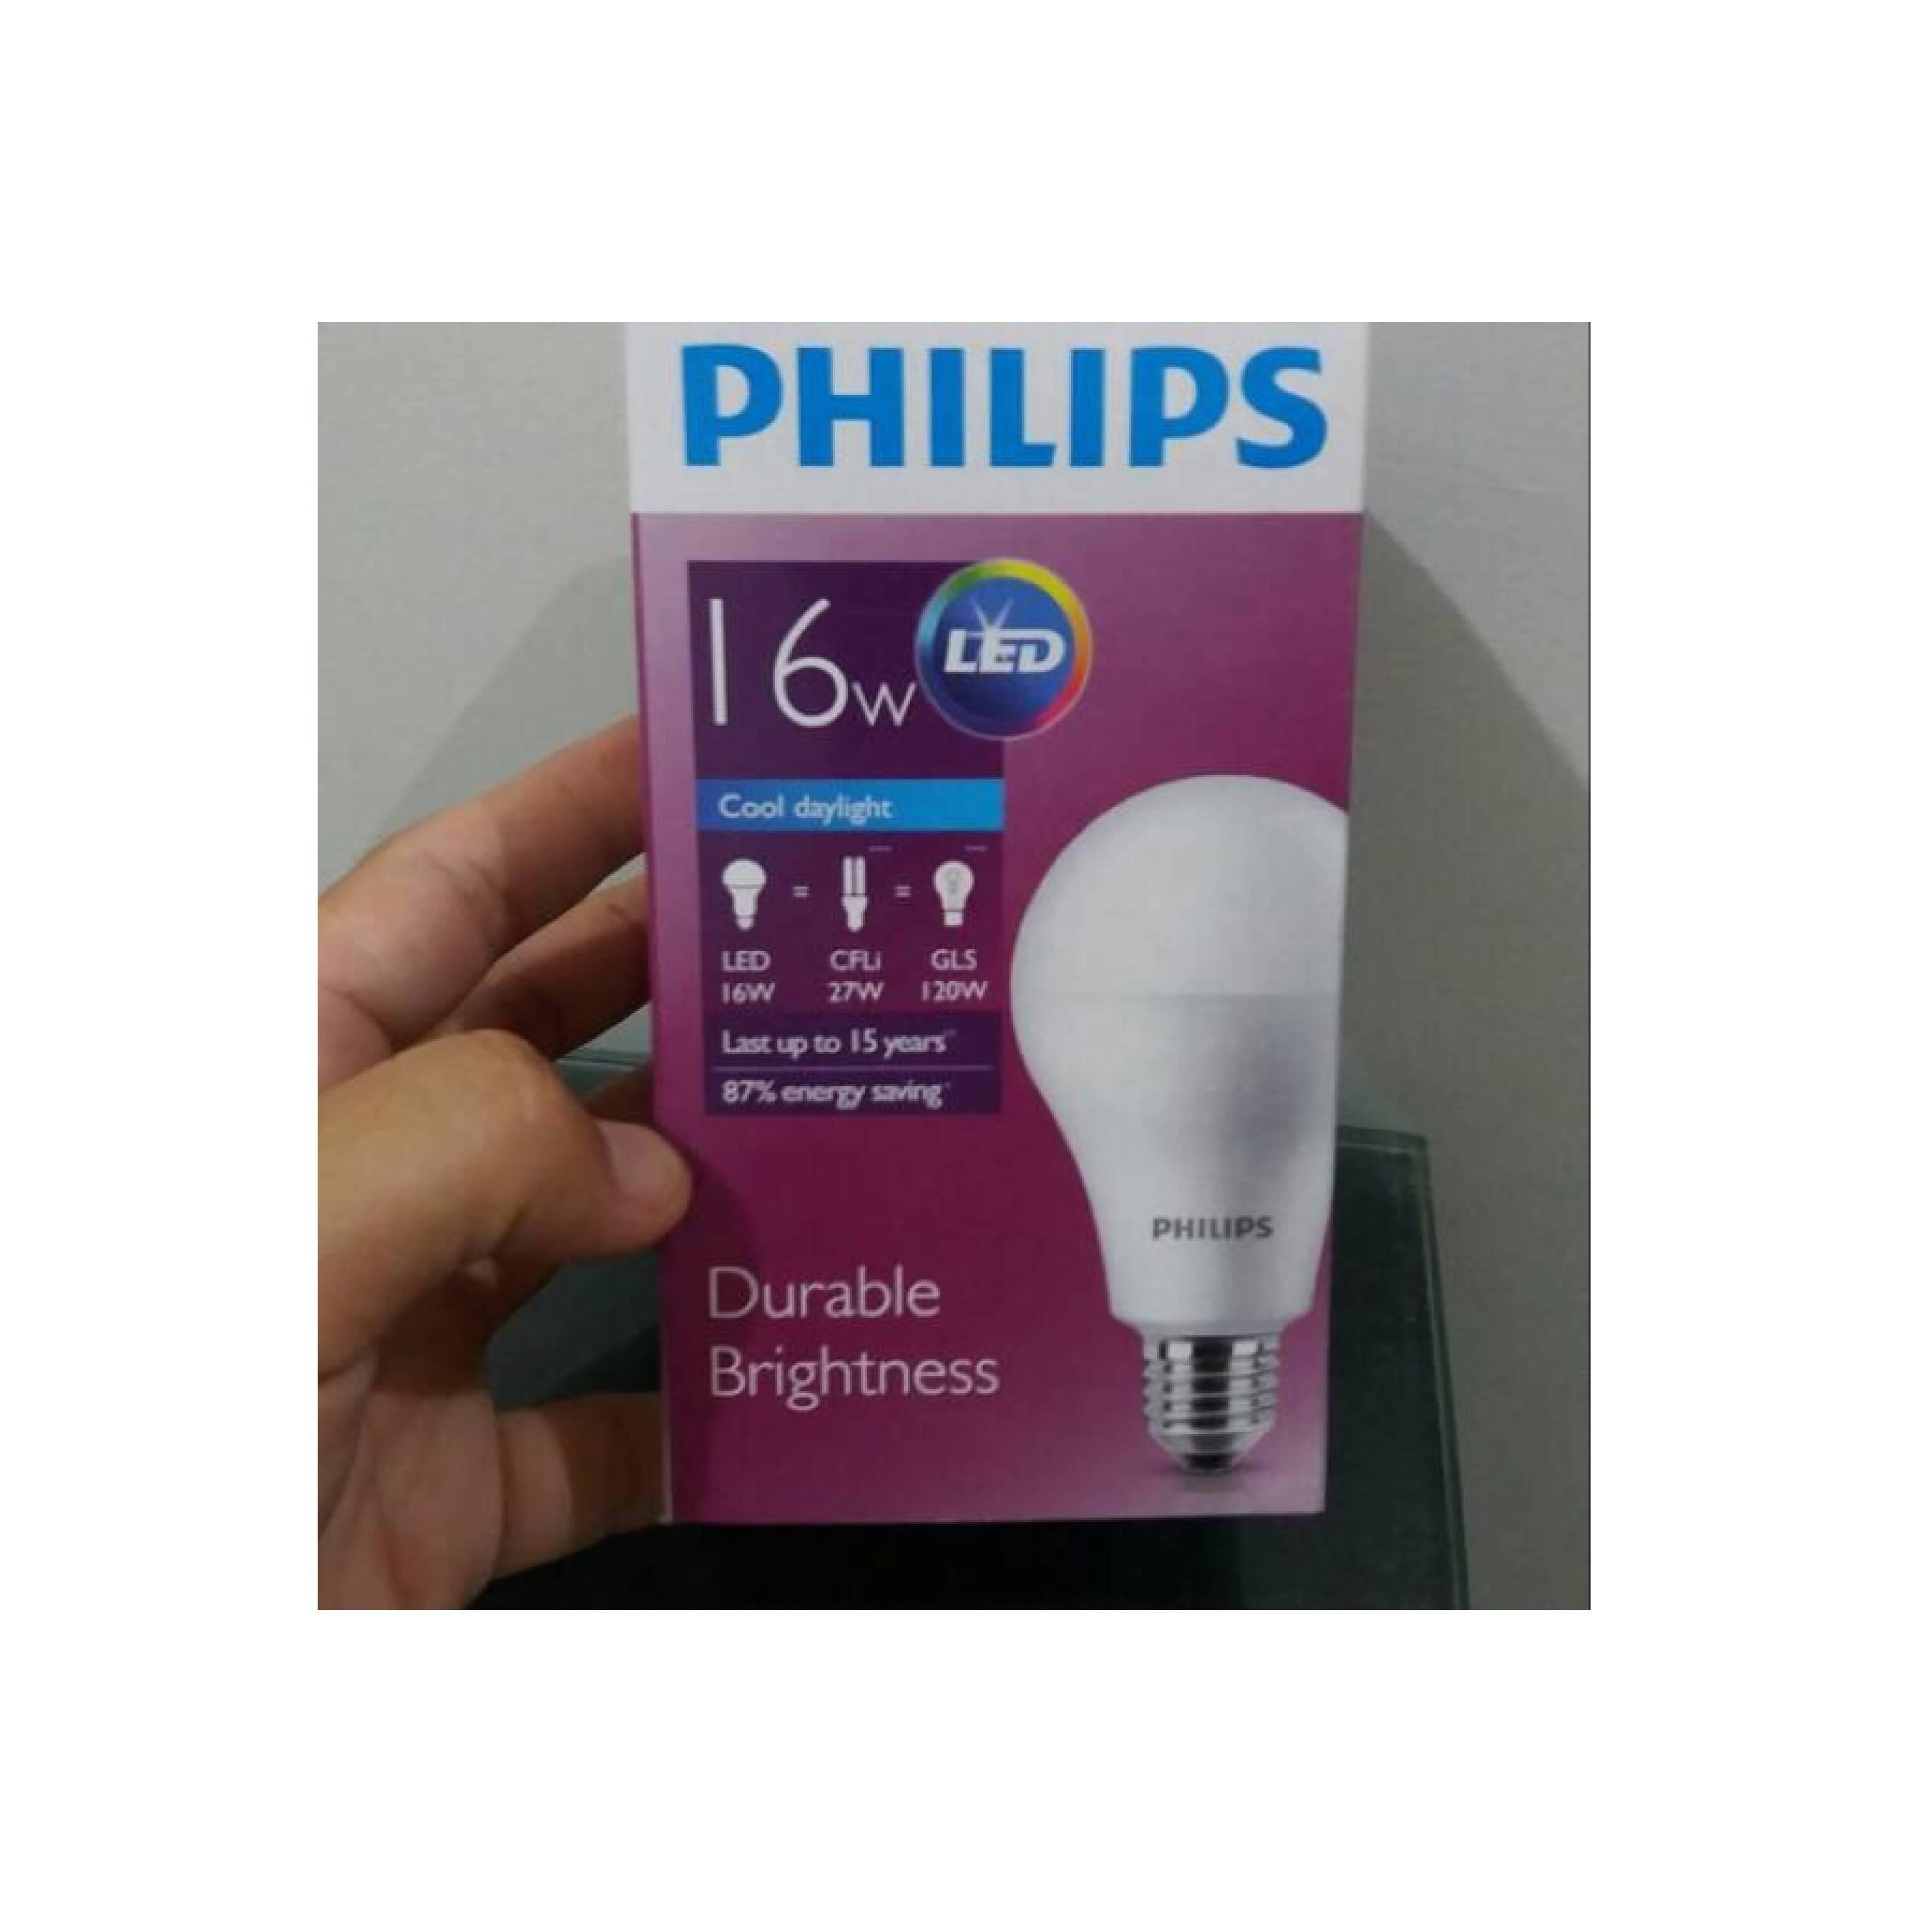 1pcs Lampu Bohlam Led Philips 18wwatt 130watt Putih Referensi 105 Watt 105watt W Min  12pcs 16